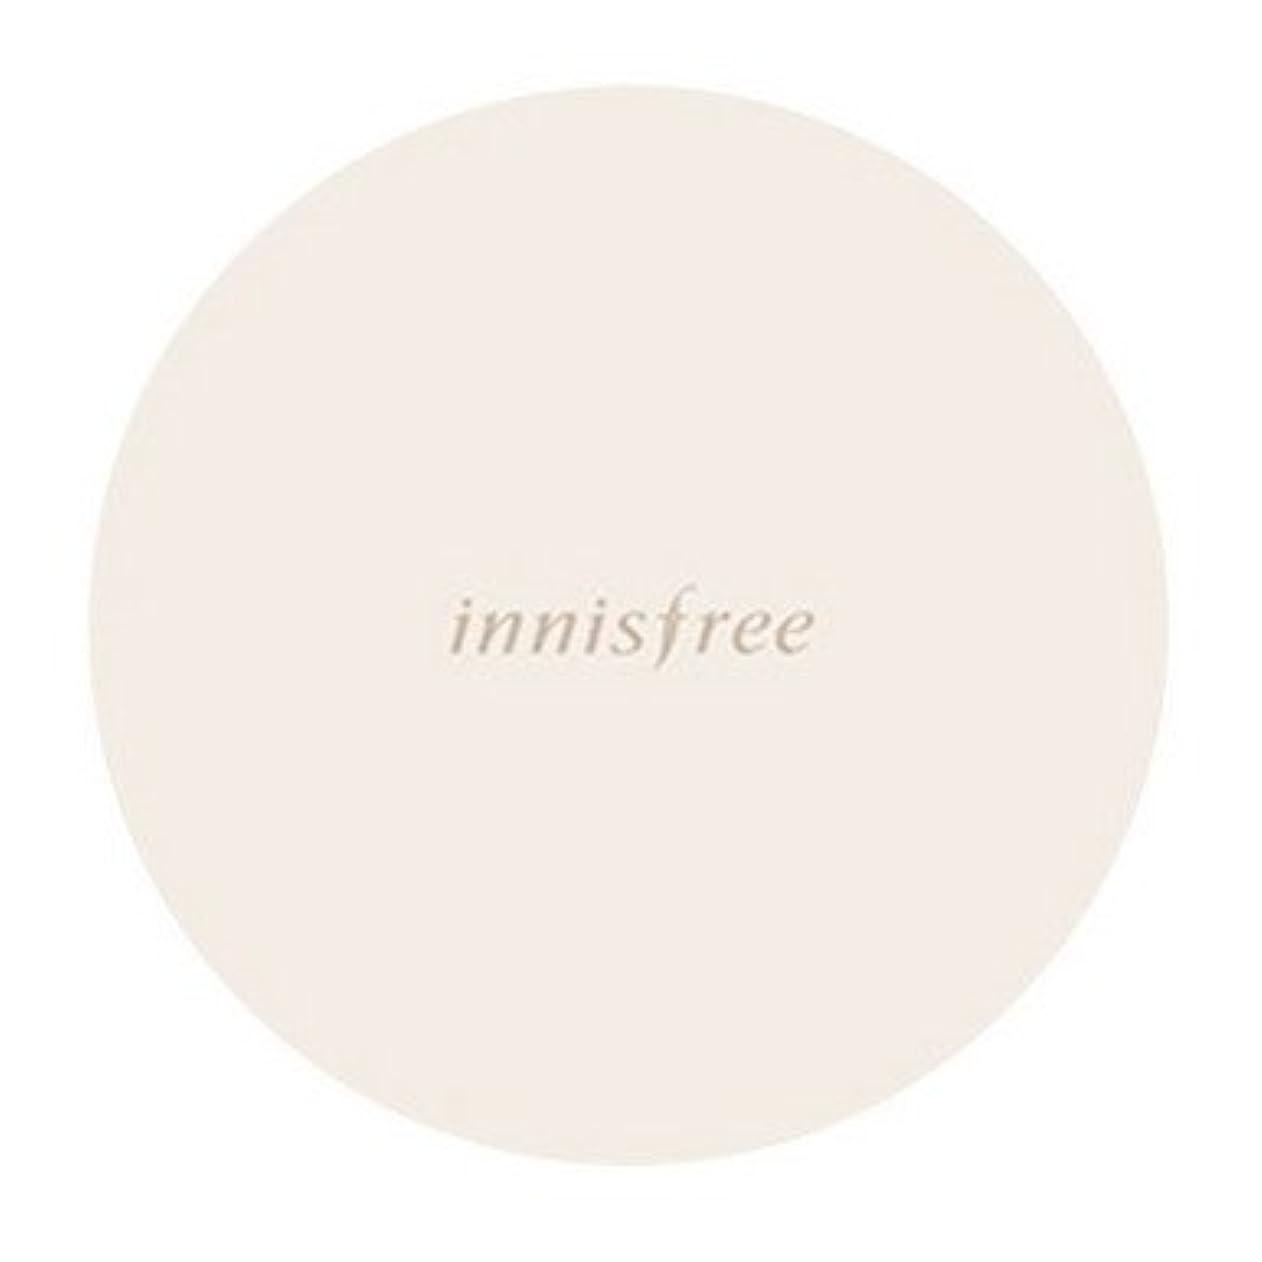 大気光価格【innisfree(イニスフリー)】マイクッションケース - 01アイボリ [並行輸入品]